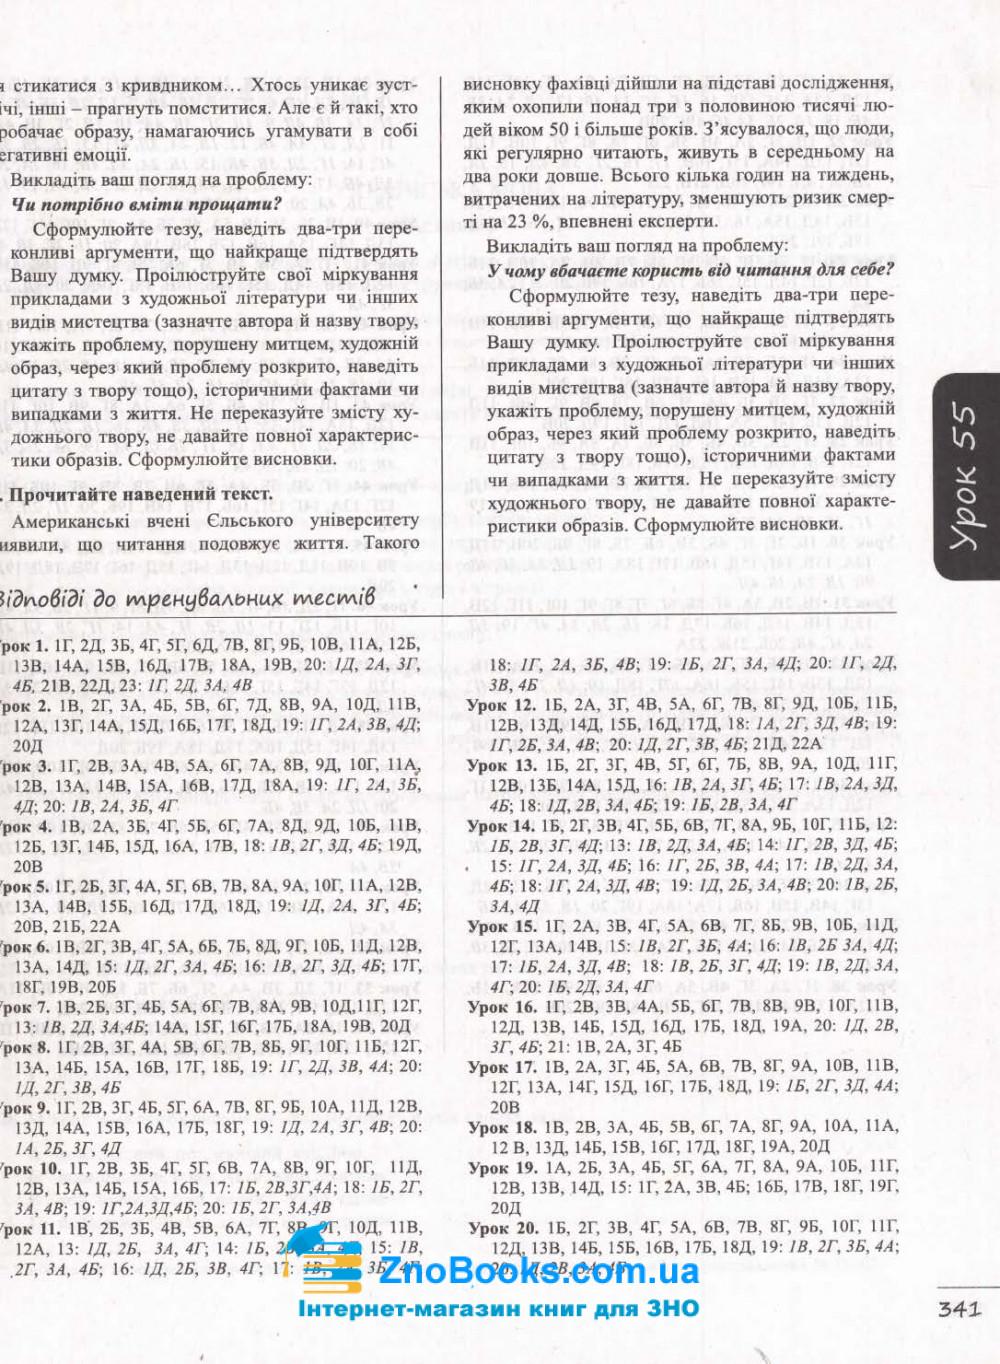 ЗНО 2022 Українська мова. Комплексне видання + ДПА : Данилевська О. Літера. купити 9